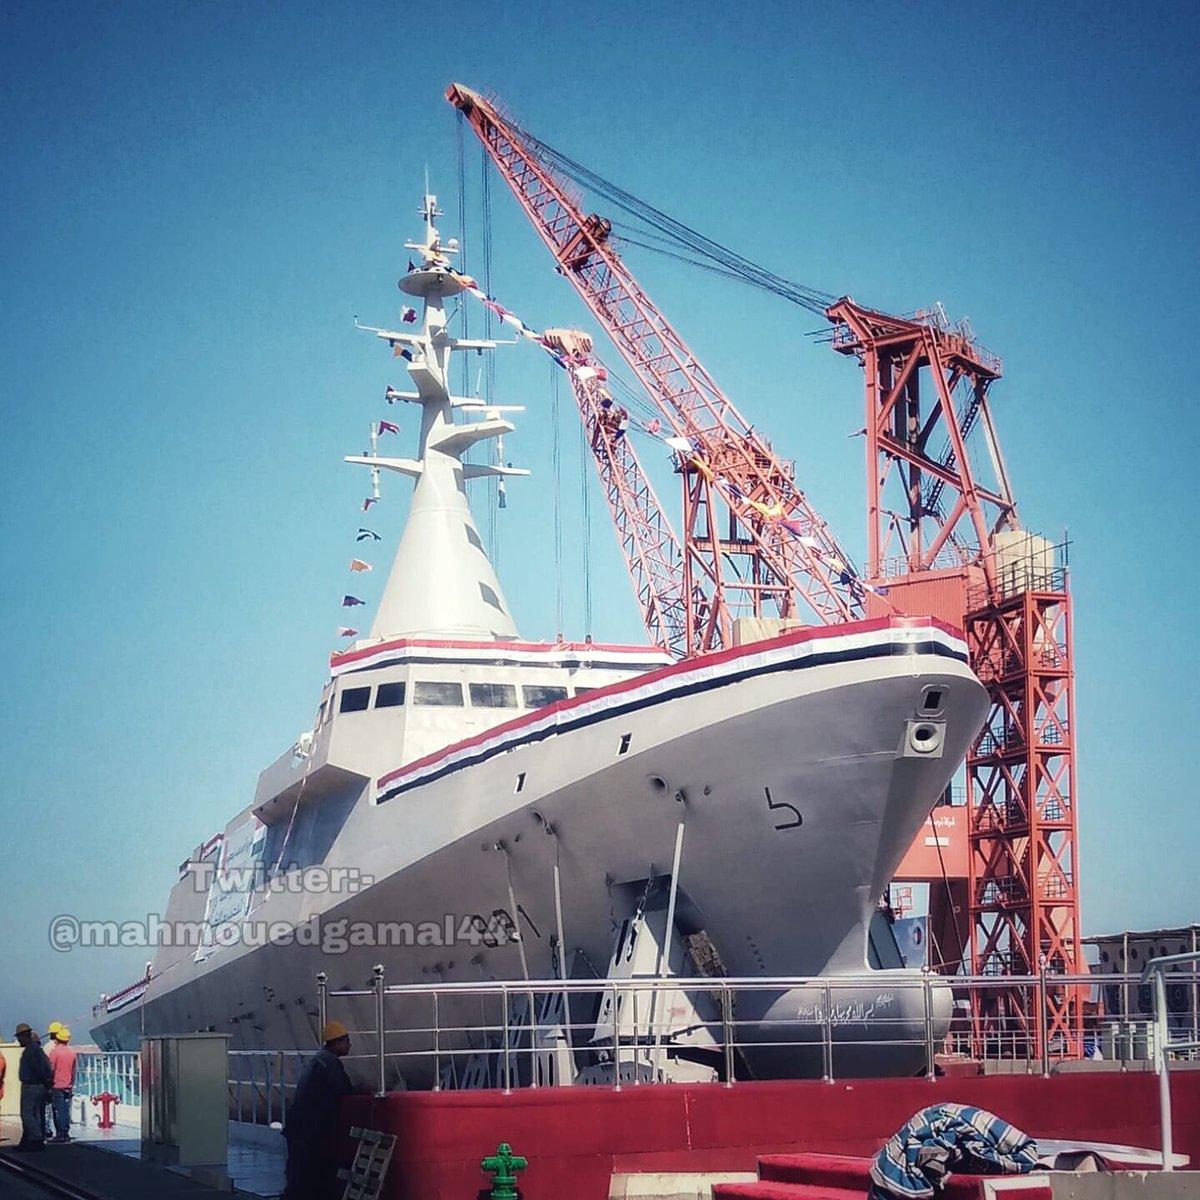 كورفيتات Gowind 2500 لصالح البحرية المصرية  - صفحة 3 D6STeKSXkAEJkT2